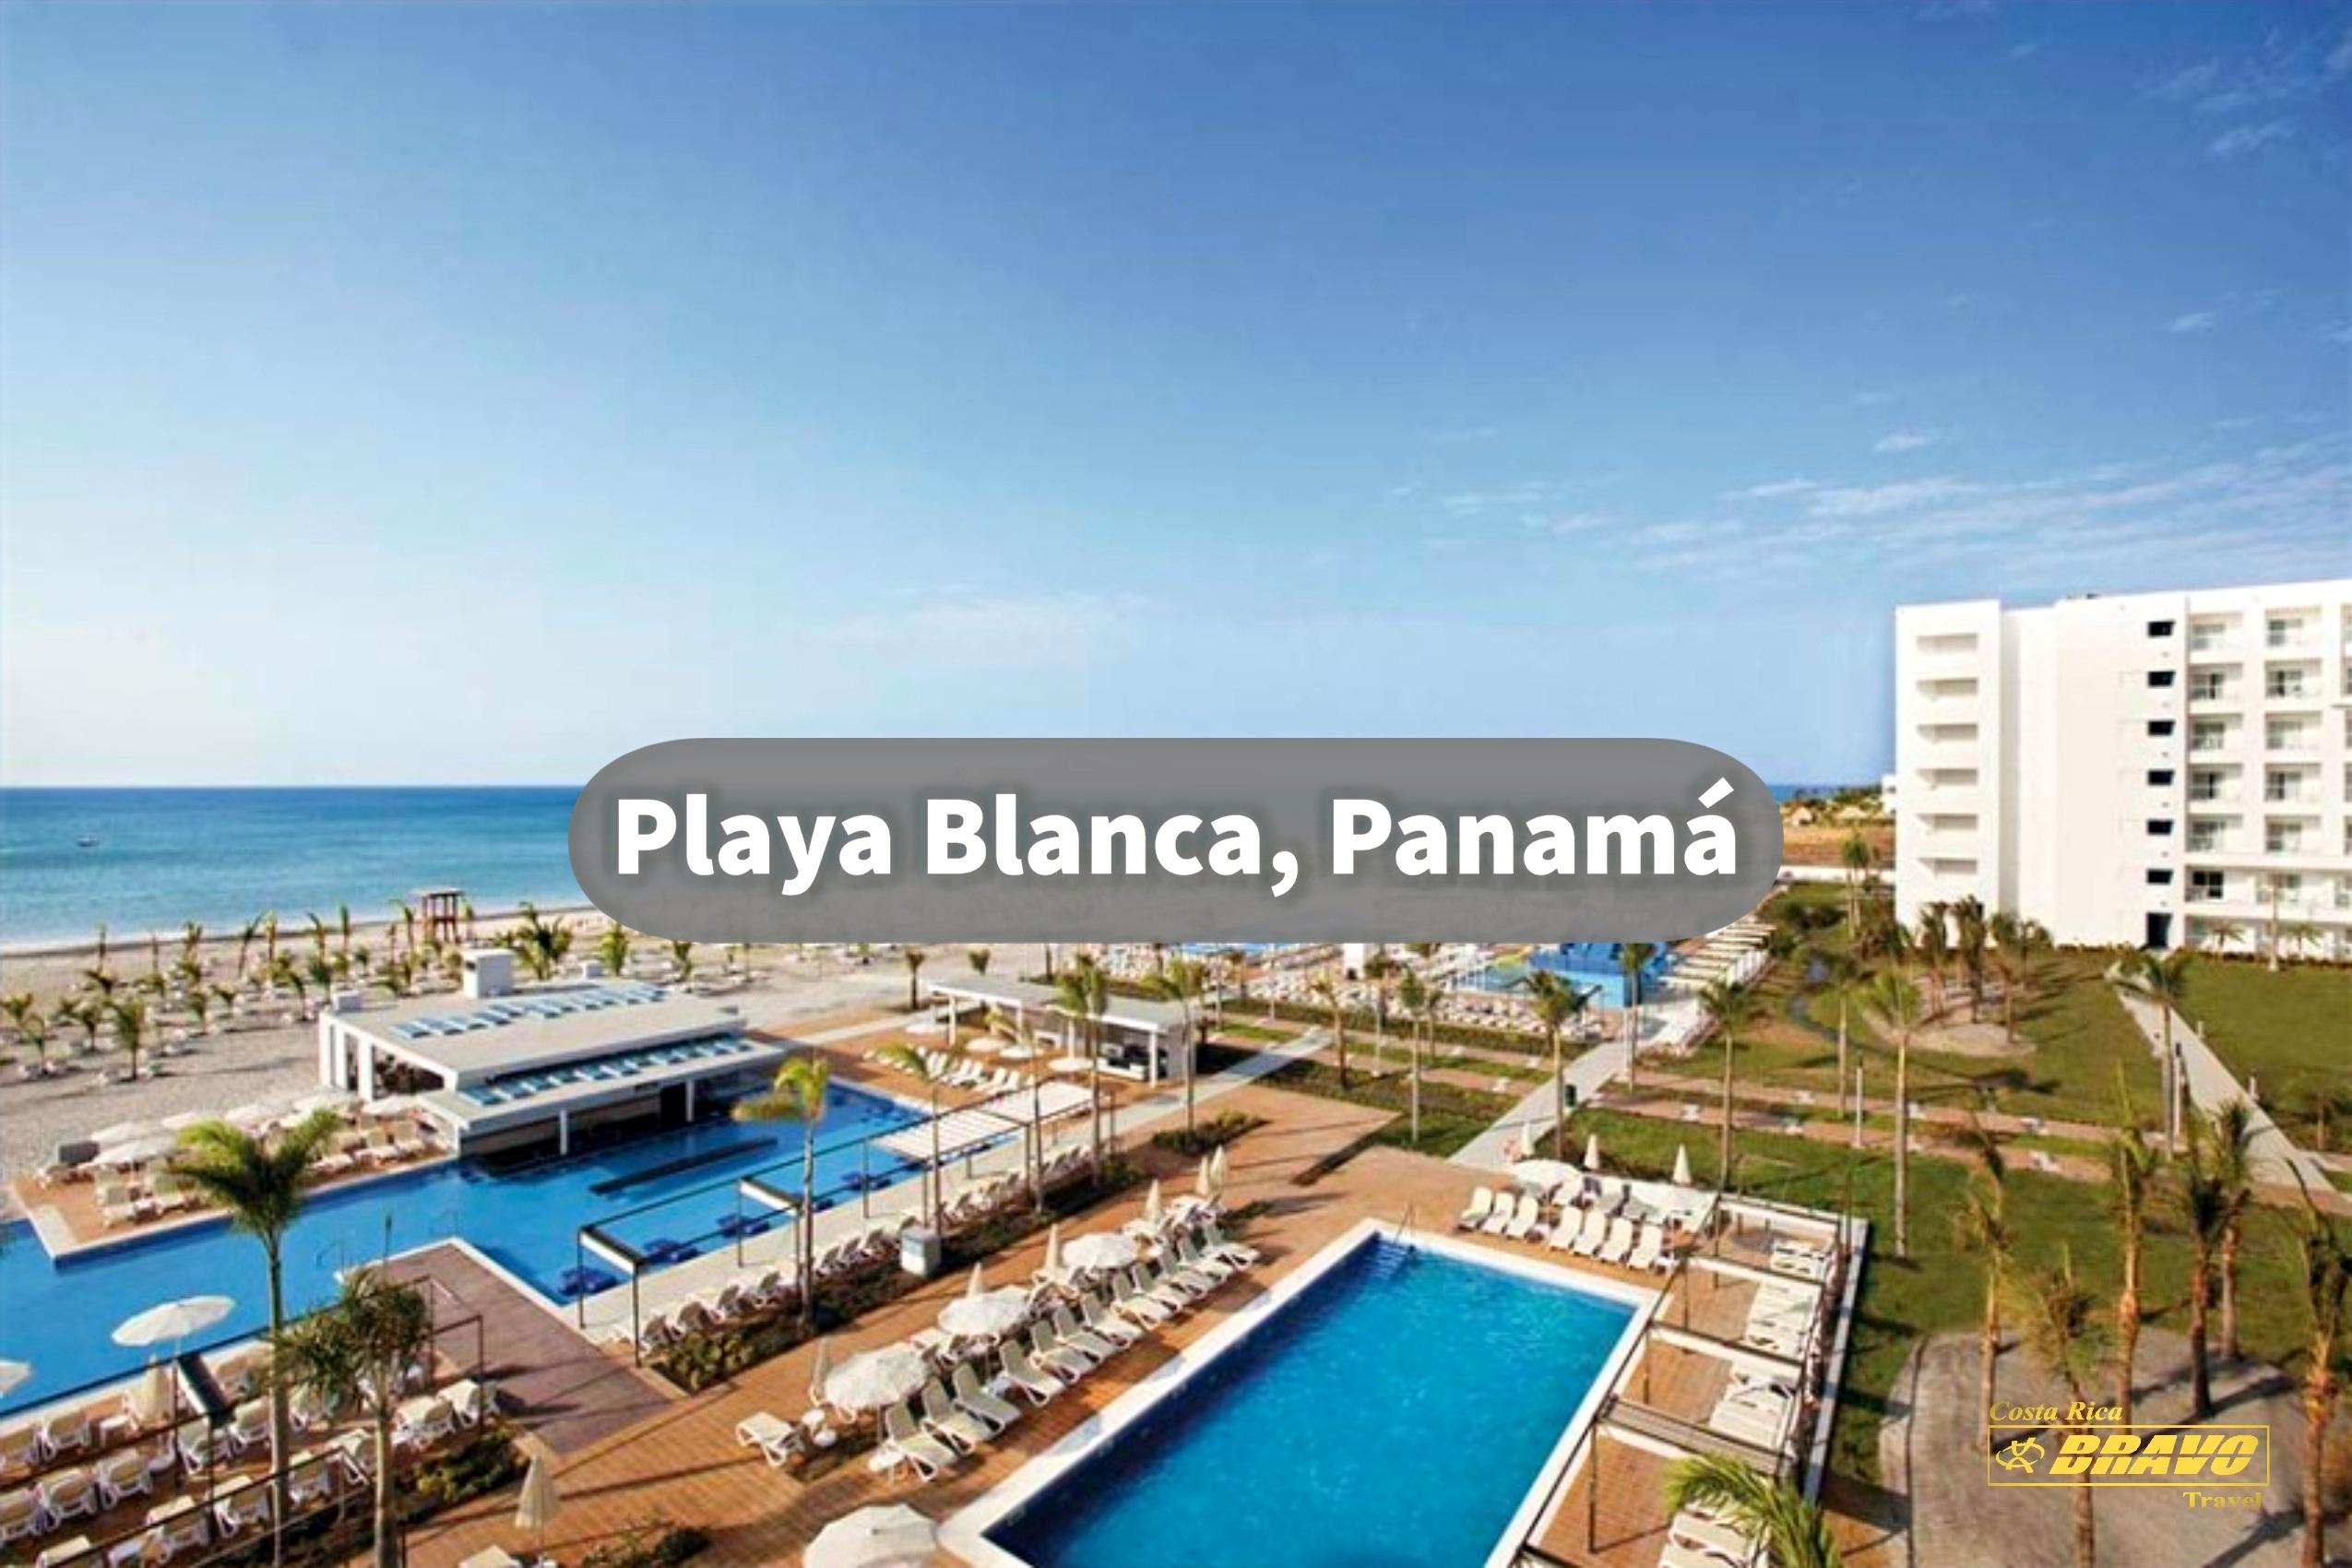 Playa Blanca, Panamá